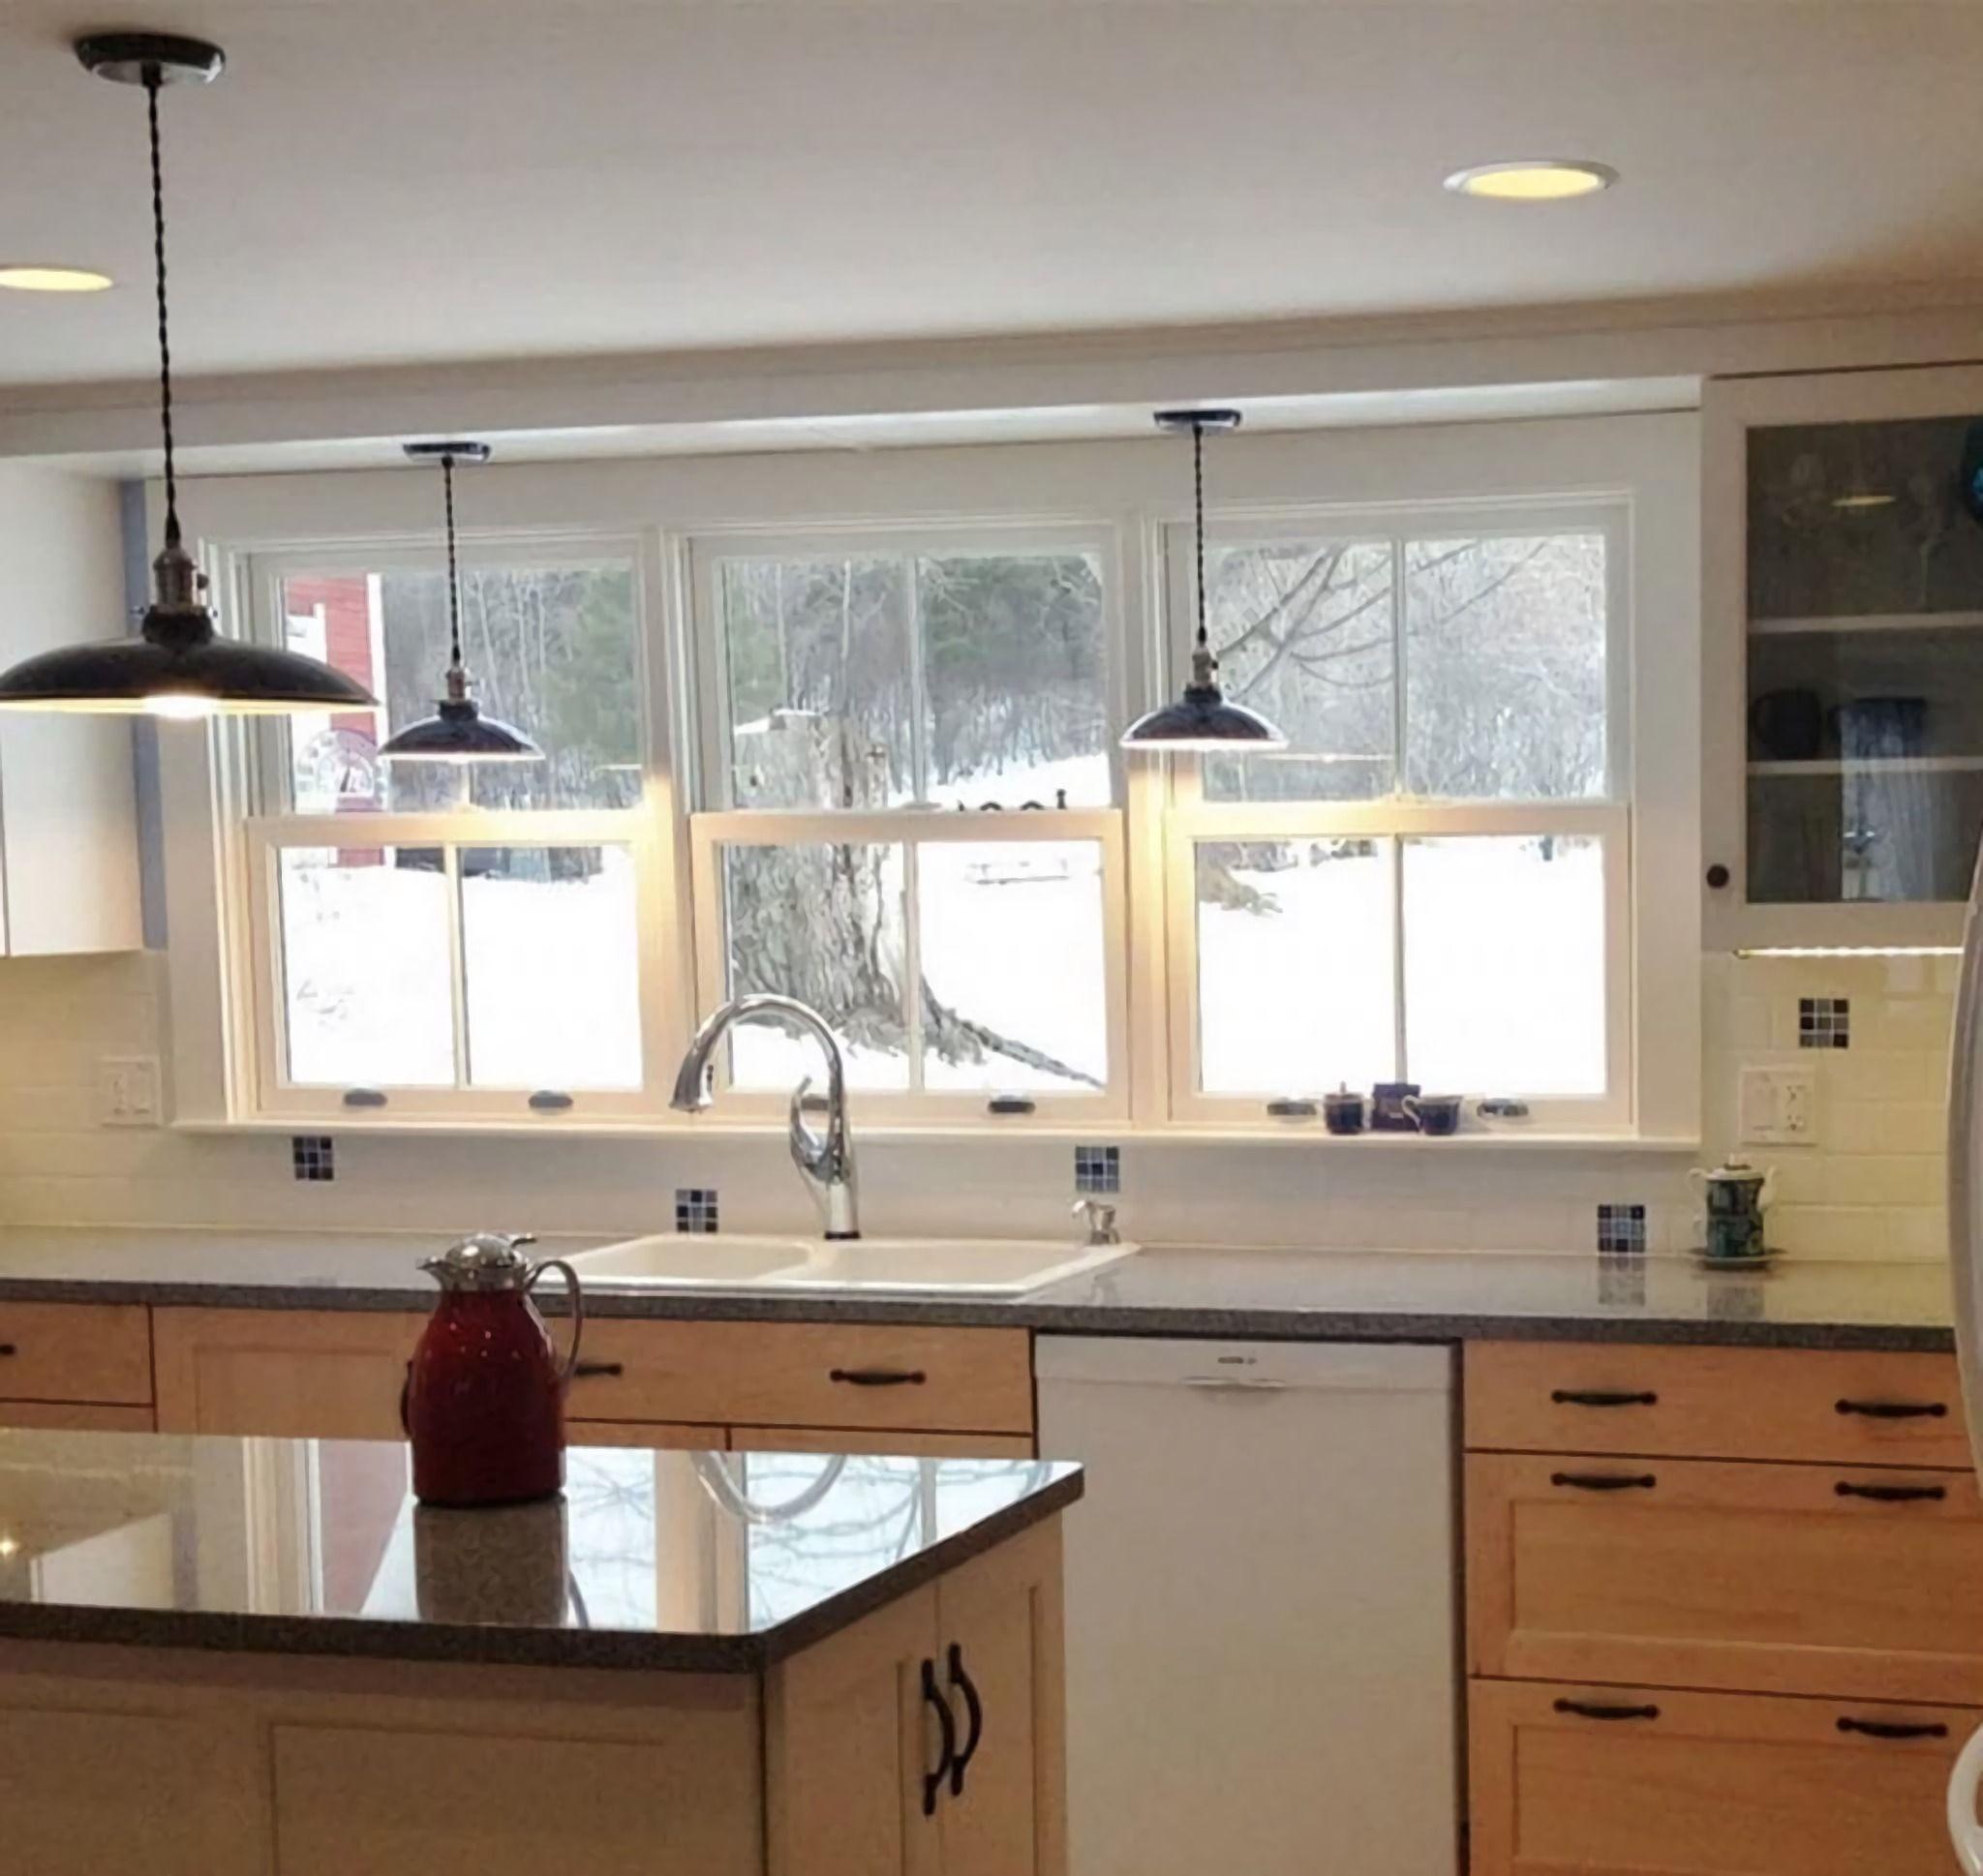 Greilich.info = Küche Mit Fenster üBer Spüle ~ Moderne Wohnmöbel der ...